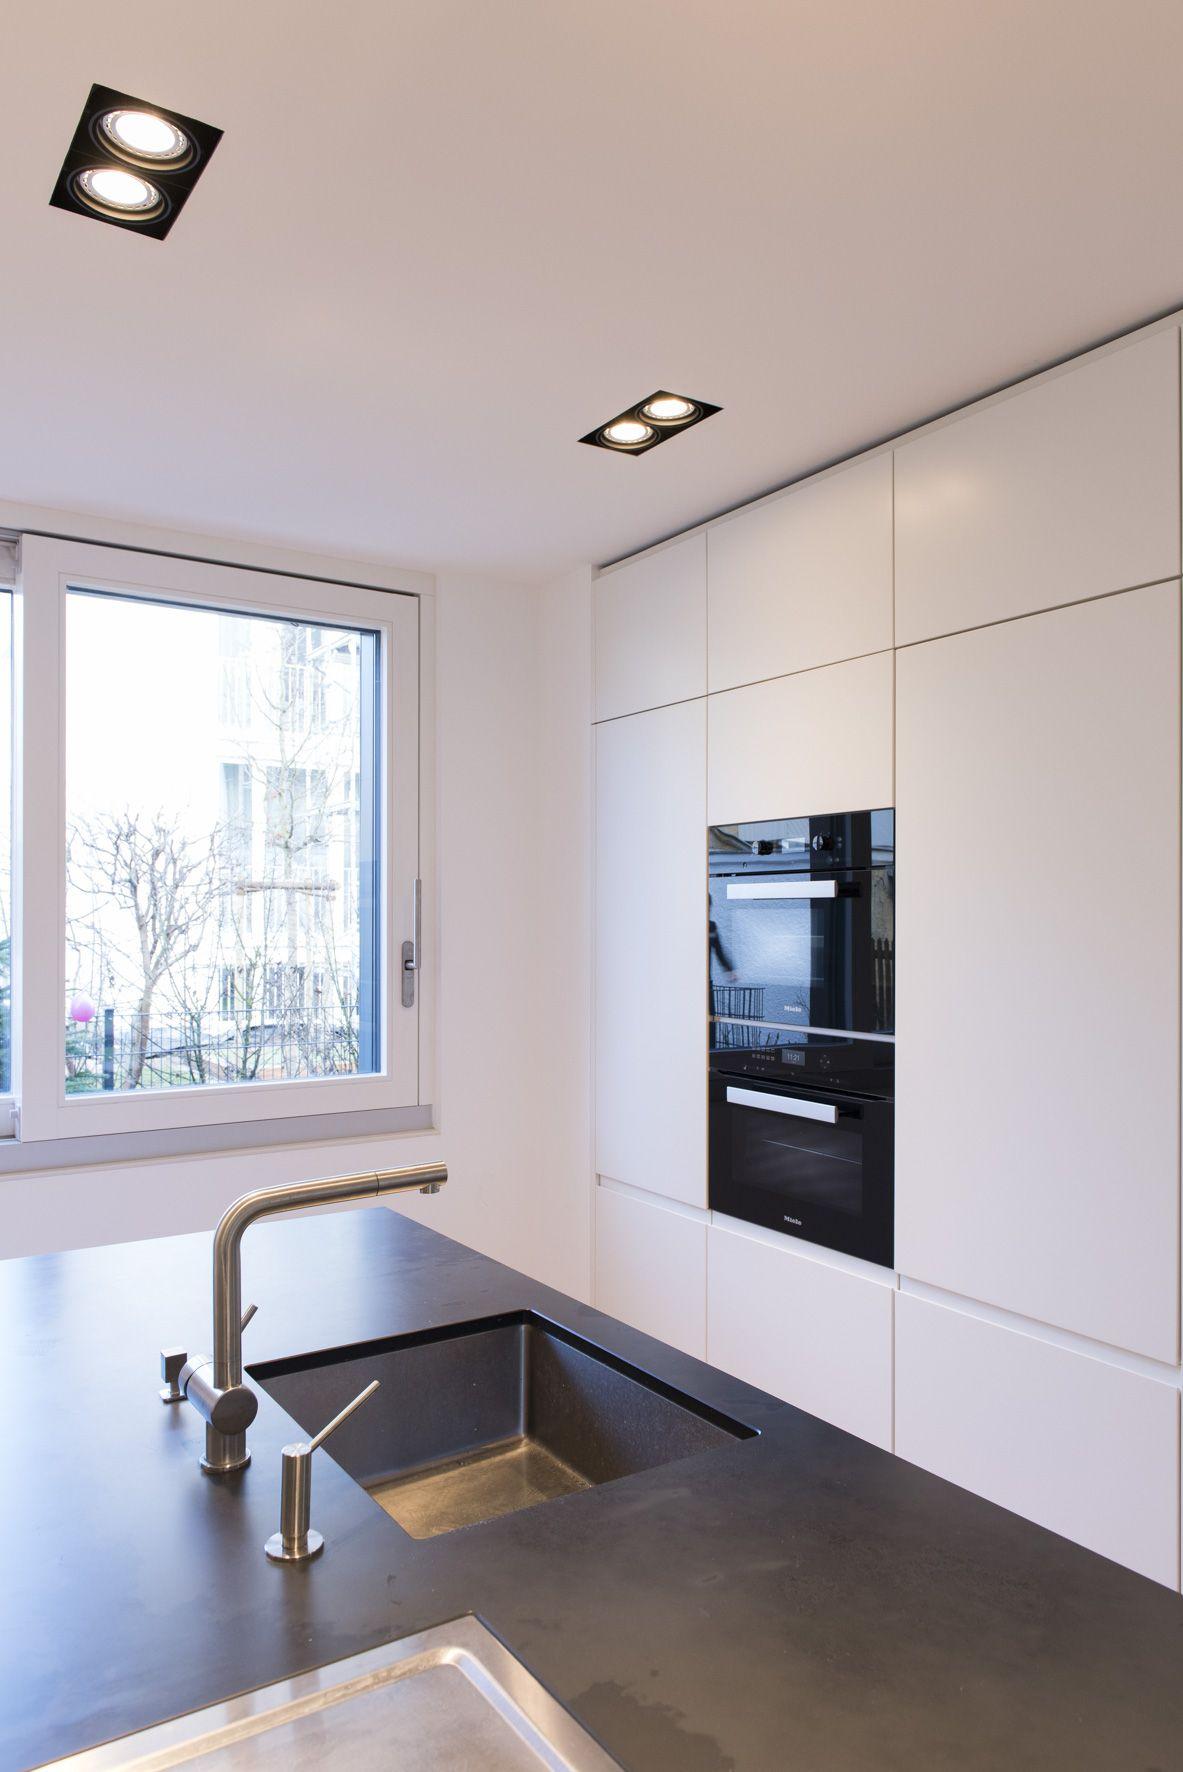 Home Moderne Weisse Kuchen Kuche Beton Arbeitsplatte